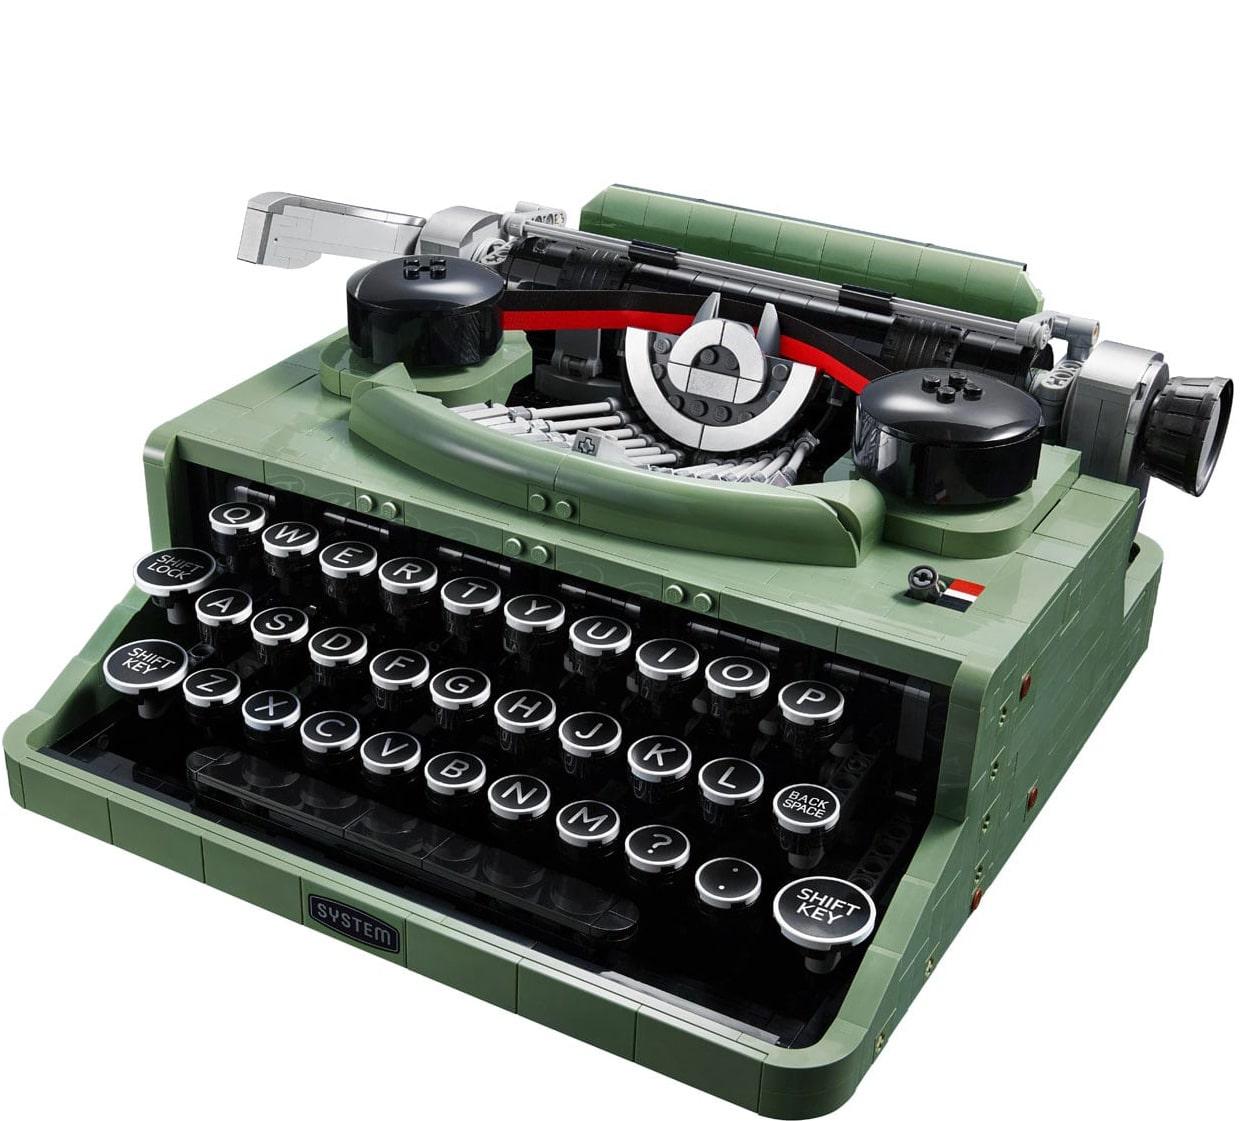 LEGO Schreibmaschine Ideas Slider 2